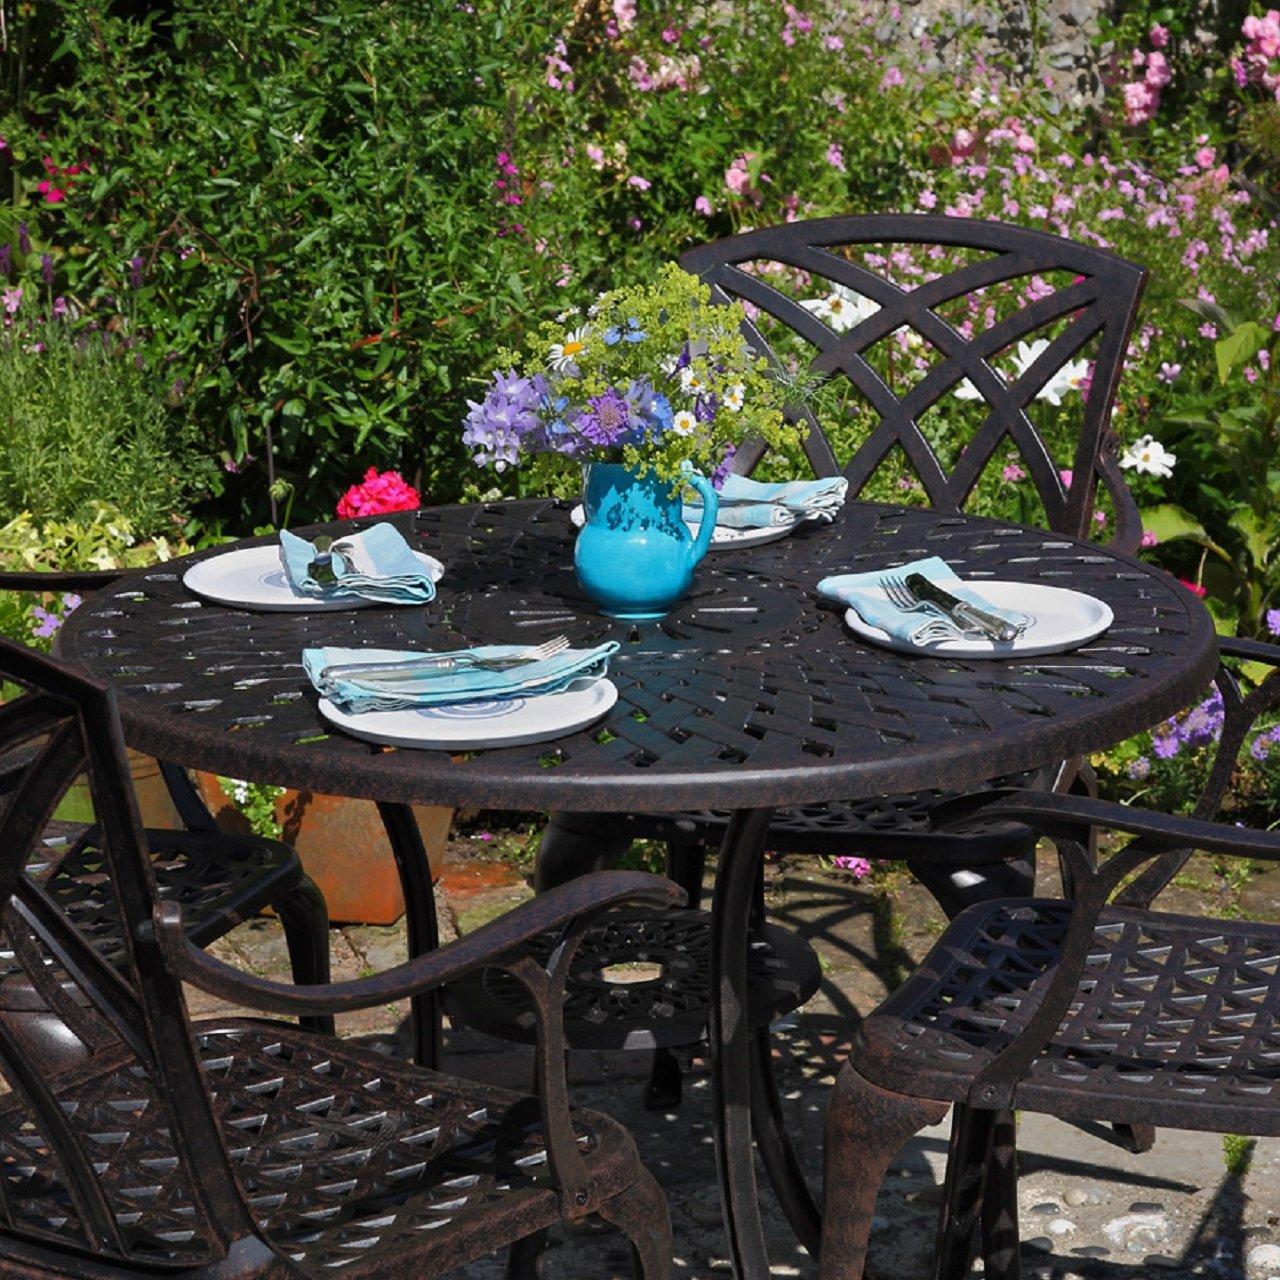 Mia 90cm rundes Gartenmöbelset Aluminium - 1 MIA Tisch + 4 MARY Stühle